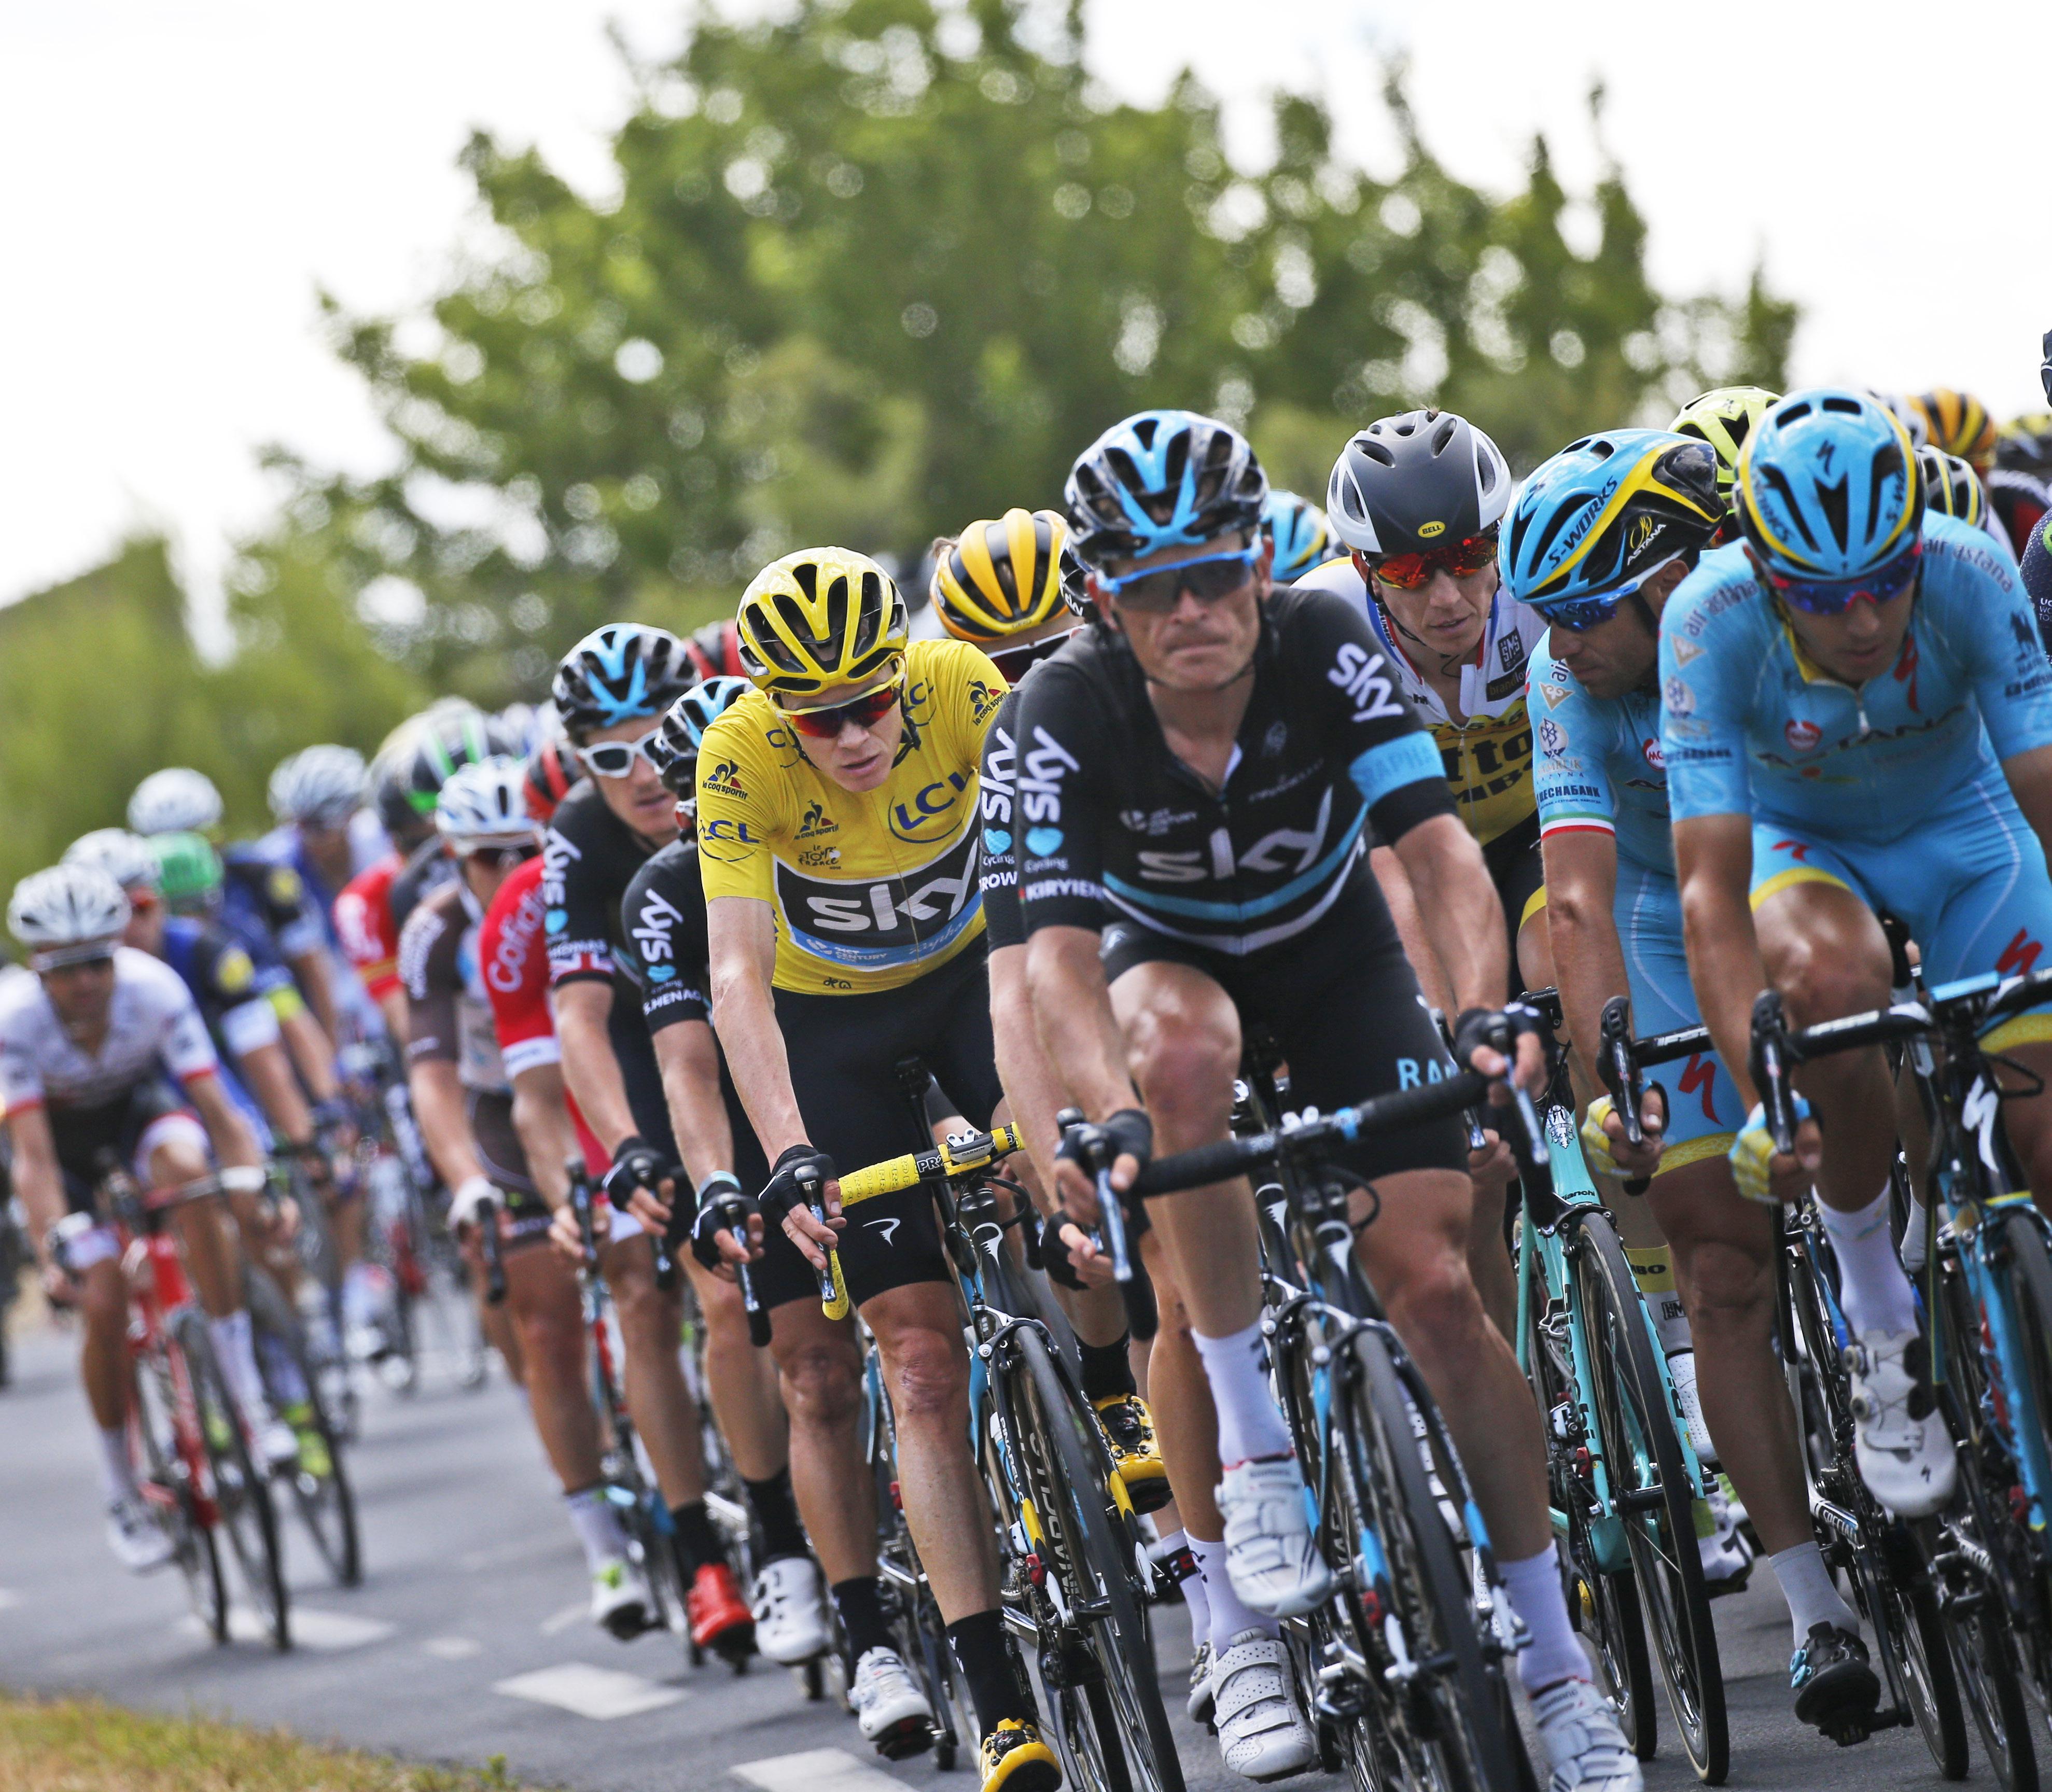 Tour de France mountain battle loses luster with shortened route ... 0b53d9d10